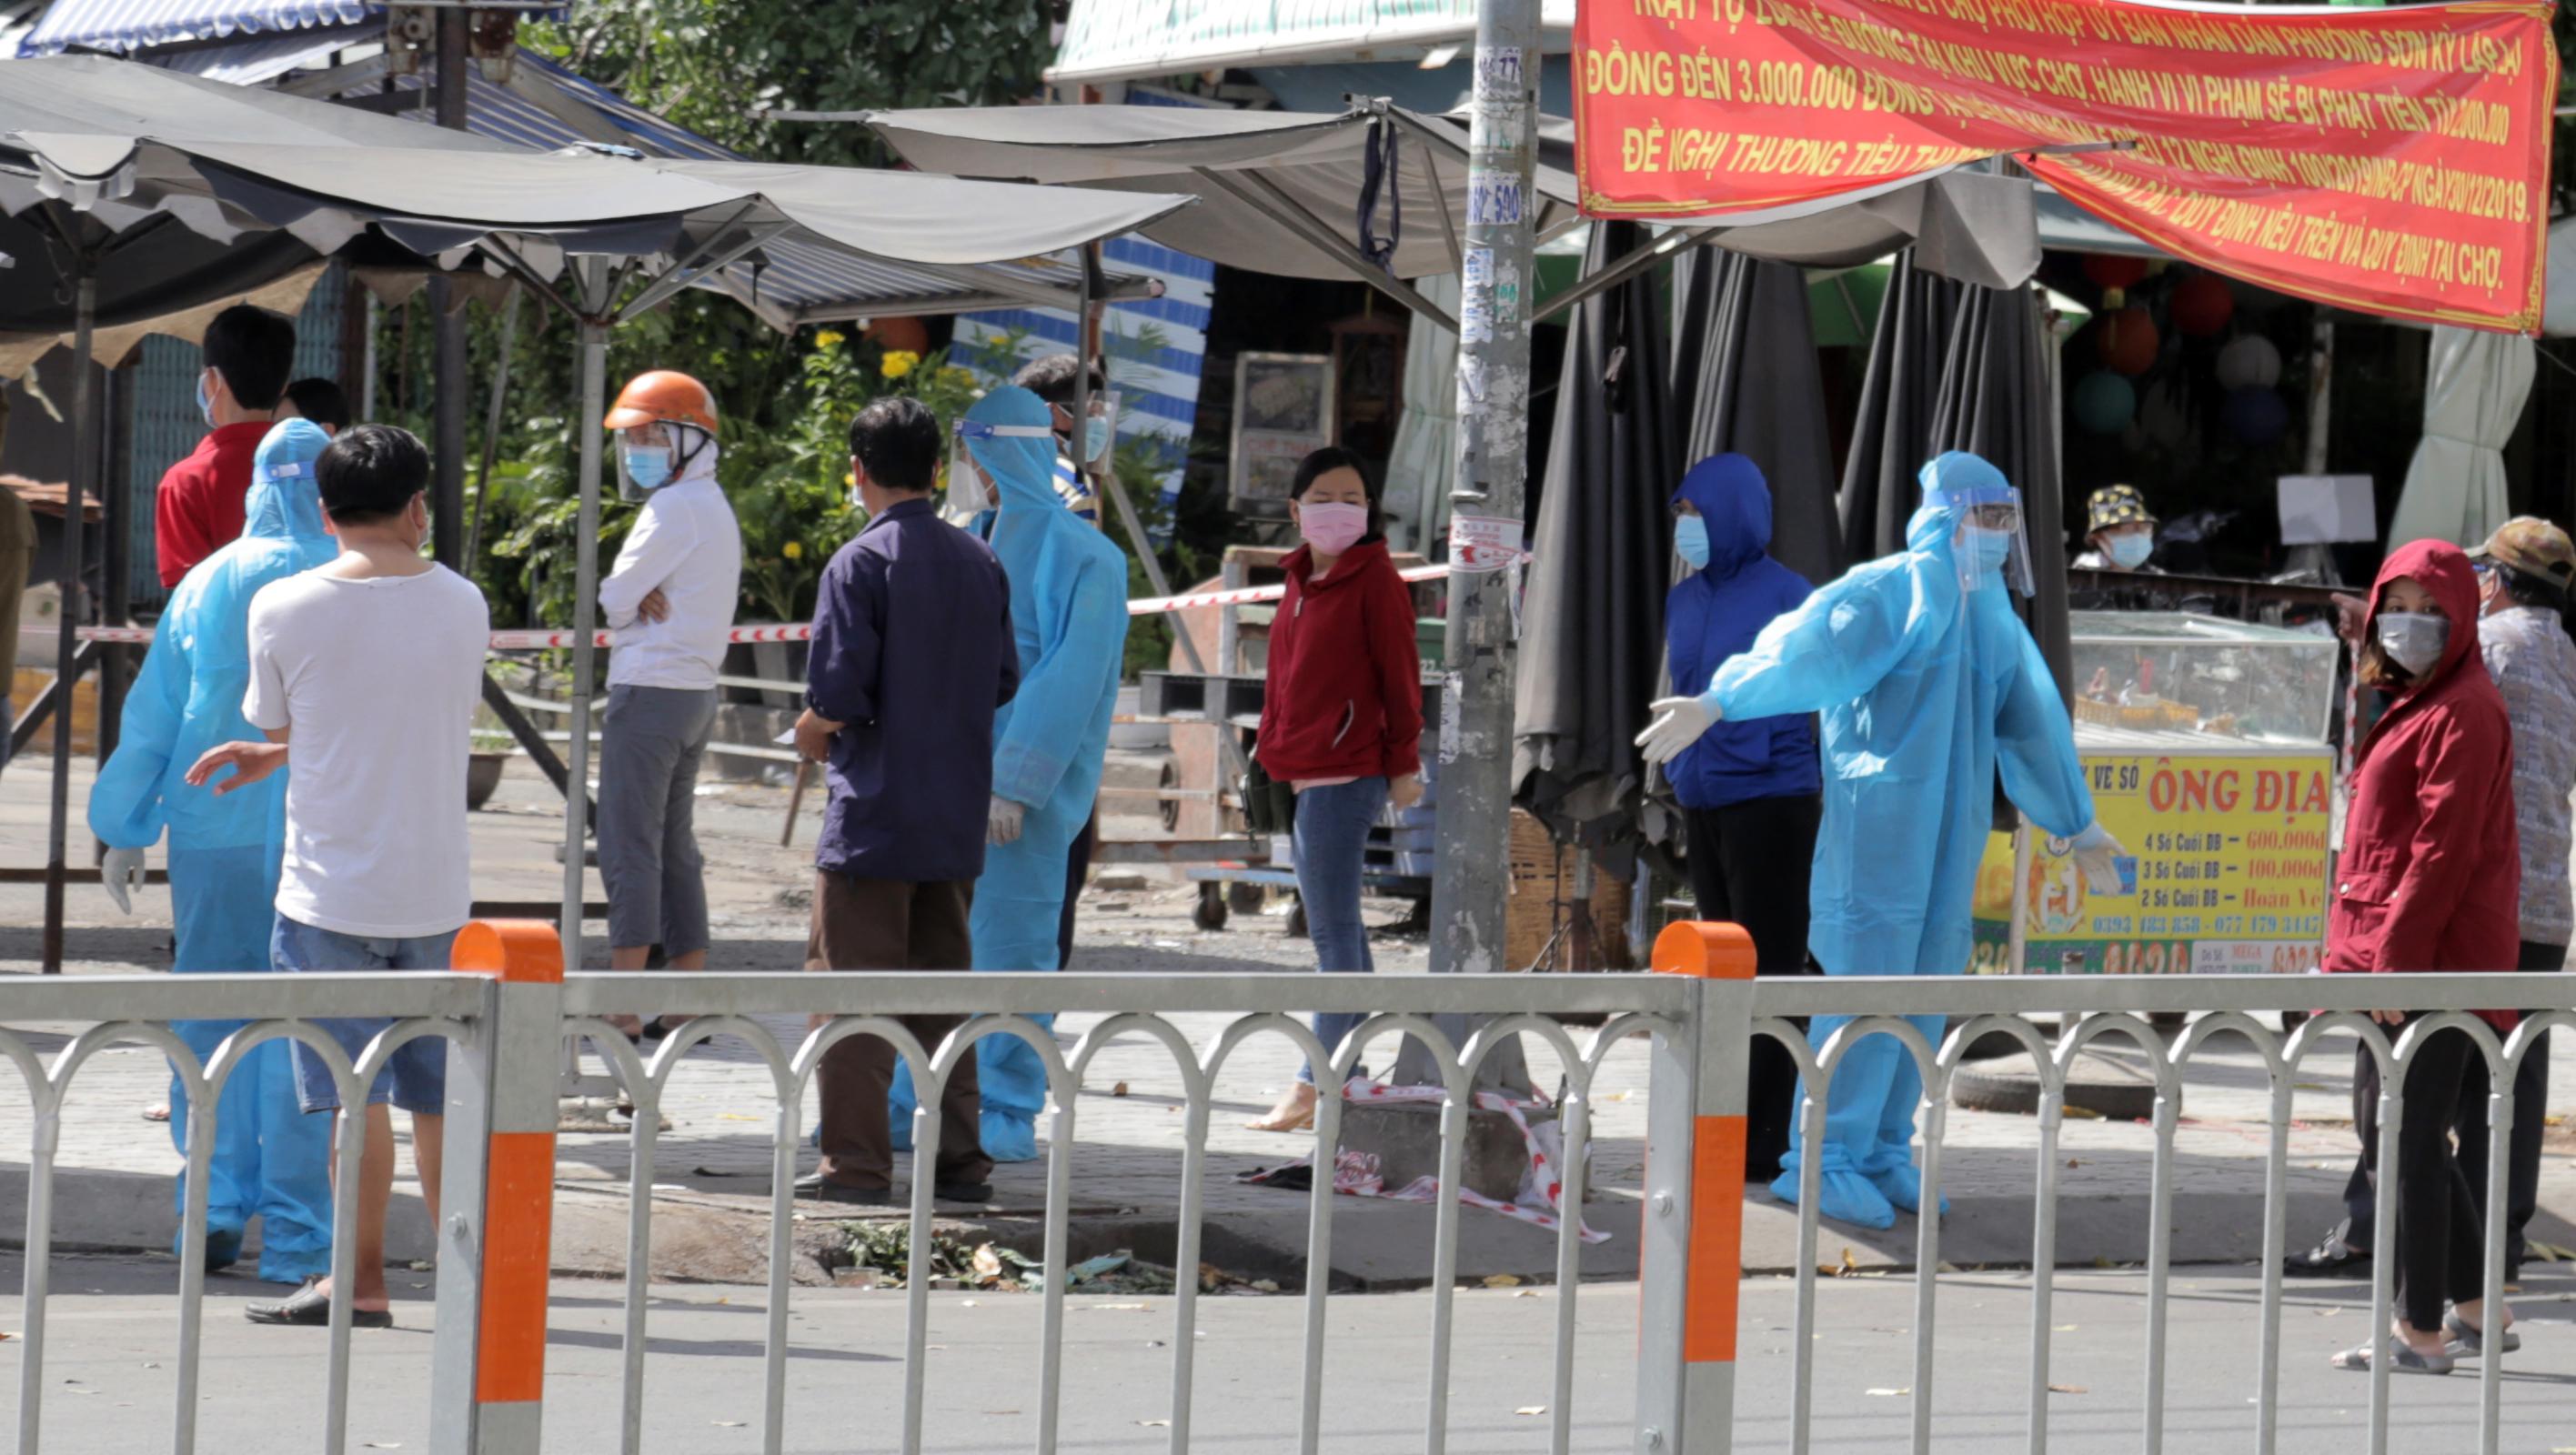 Ảnh: Phong tỏa mọi ngóc ngách, xét nghiệm hàng trăm người tại chợ ở Tân Phú vì dịch COVID-19 phức tạp - 11